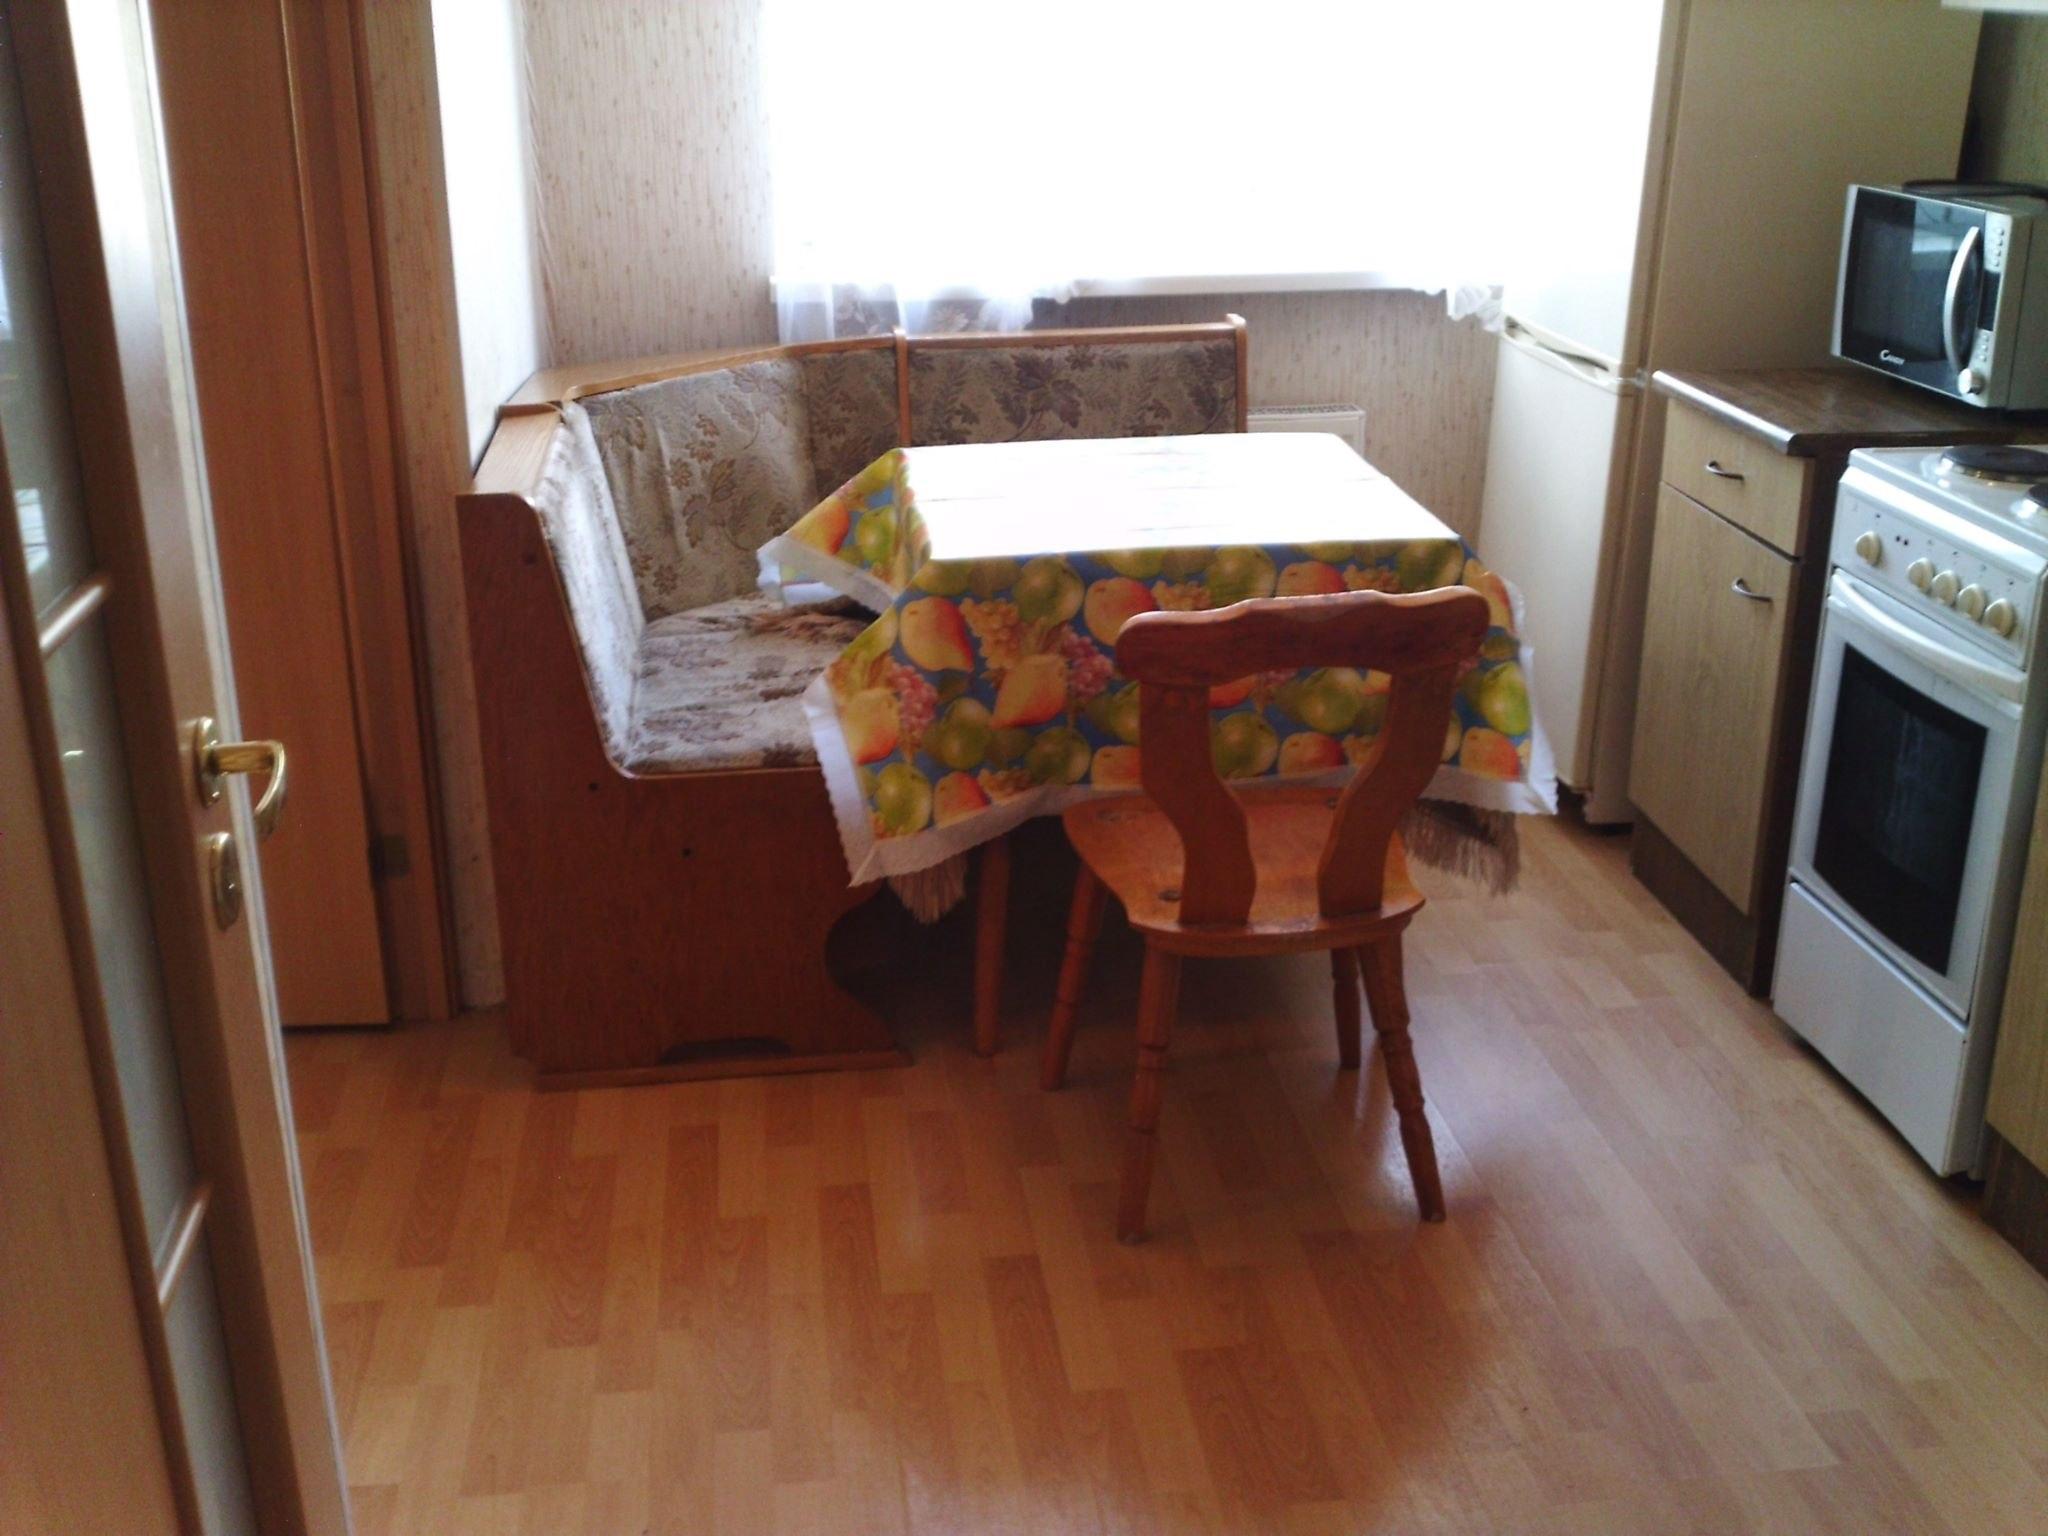 b32c9c35e0ed4 Снять квартиру на улице Ростовская (Славянка) в поселке Шушары в ...